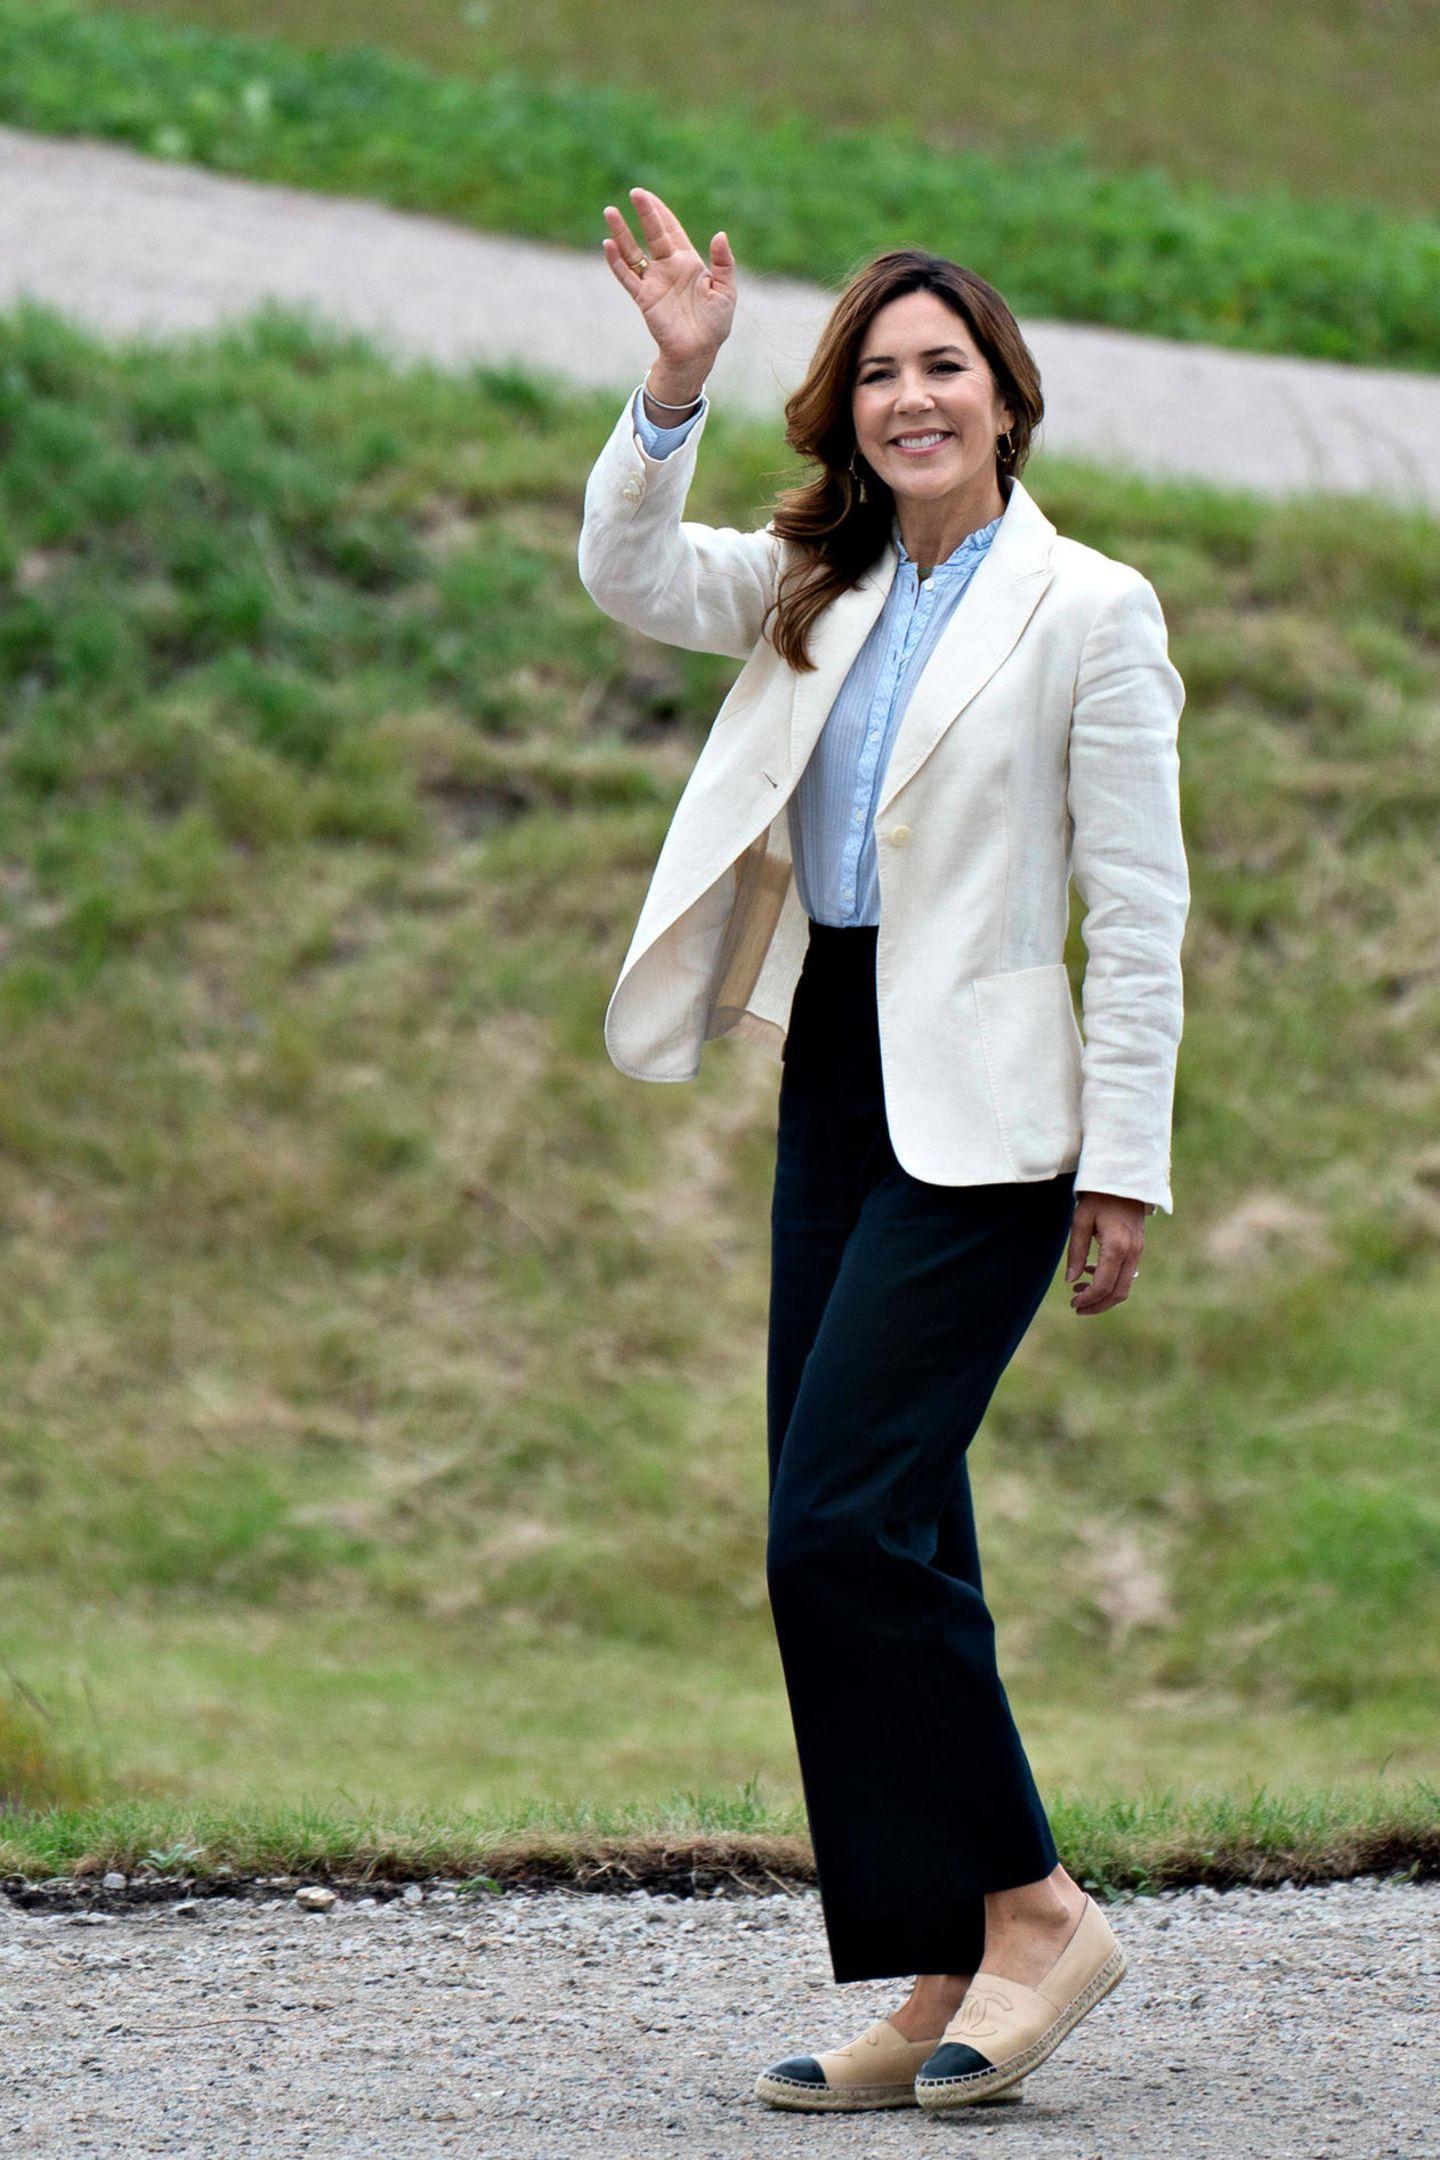 Denn an den Füßen trägt Prinzessin Mary schicke Espadrilles von Chanel in einem edlen Beige-Schwarz-Ton. Kostenpunkt: rund 645 Euro. Mit den bequemen Lammleder-Flats lässt sich das Gelände bestens erkunden.